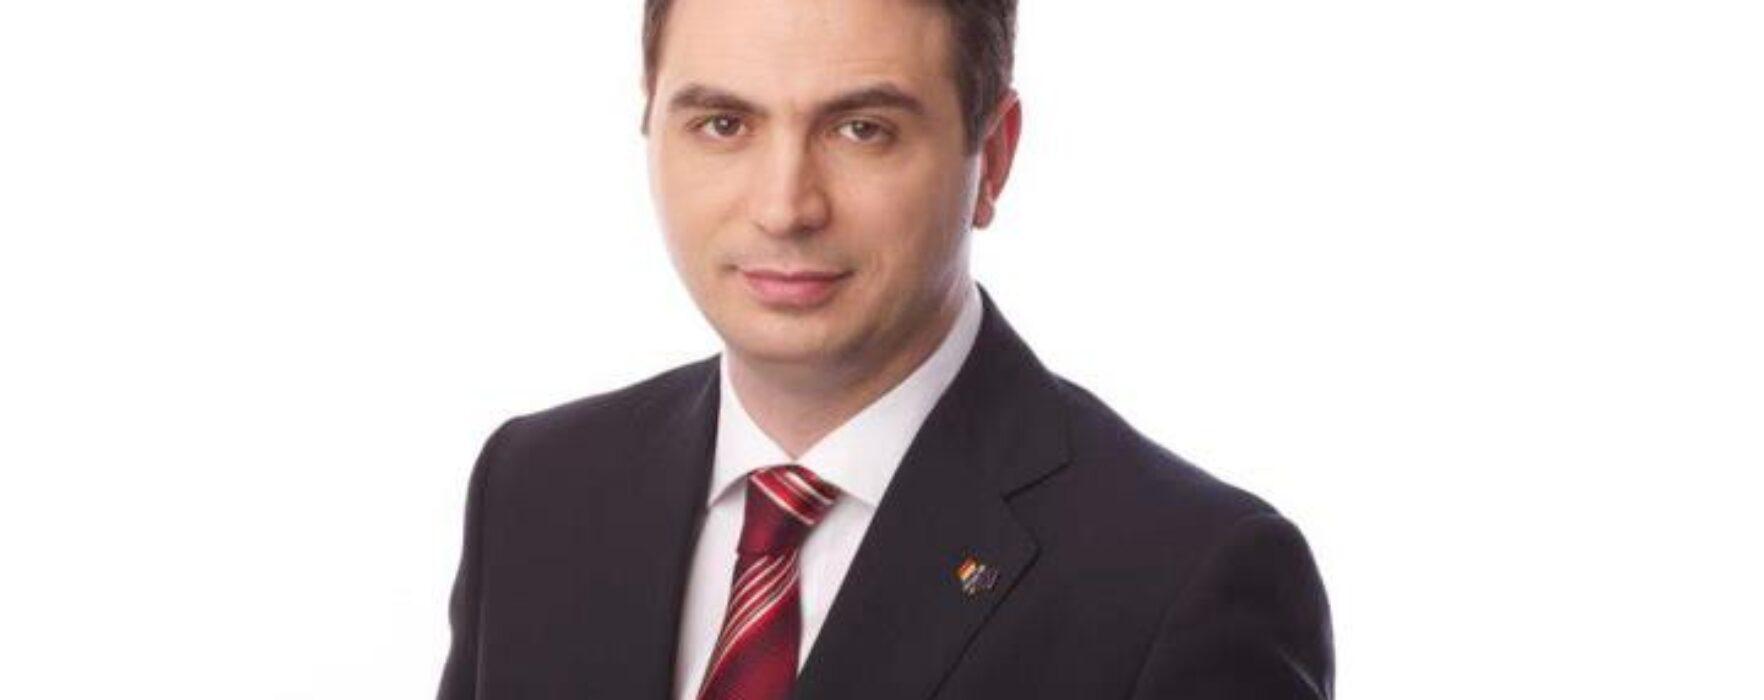 Deputatul de Târgovişte Radu Ropa s-a înscris în PSD şi va fi consilier pe probleme de politică al lui Victor Ponta